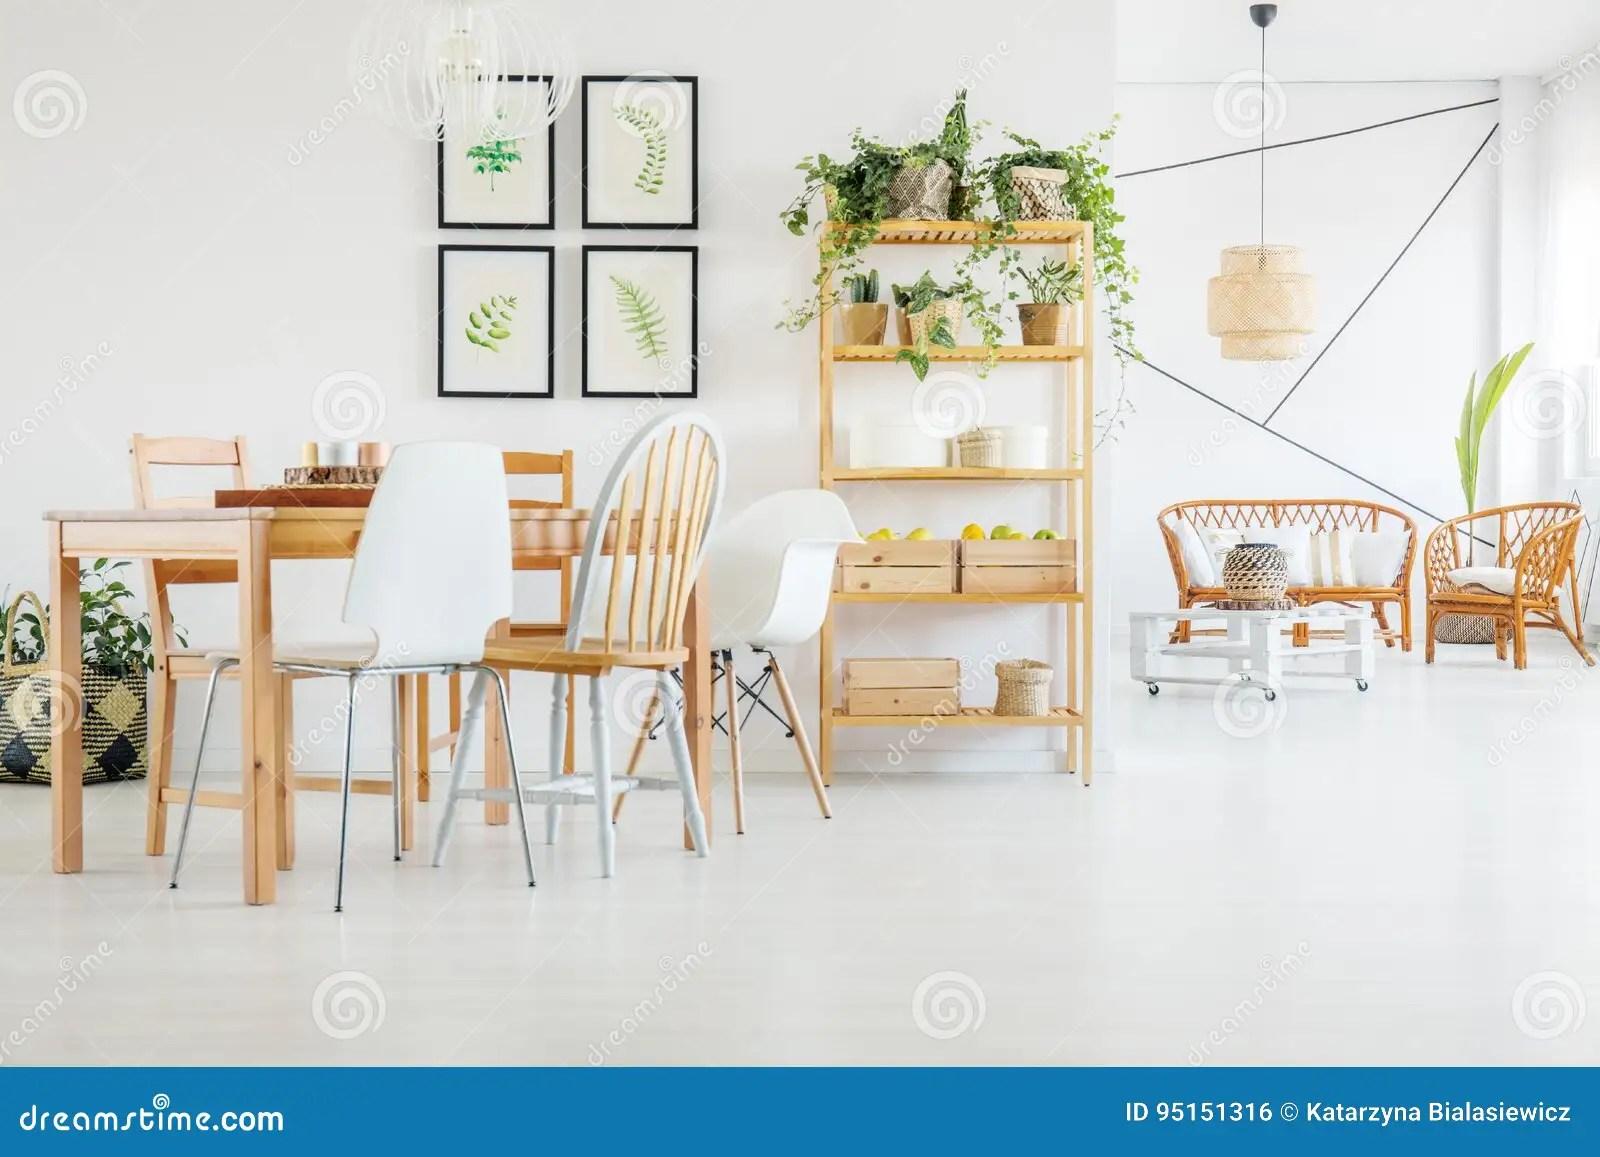 Esszimmer Stühle Pastellfarben Stuhl Hellas Pastell Grün